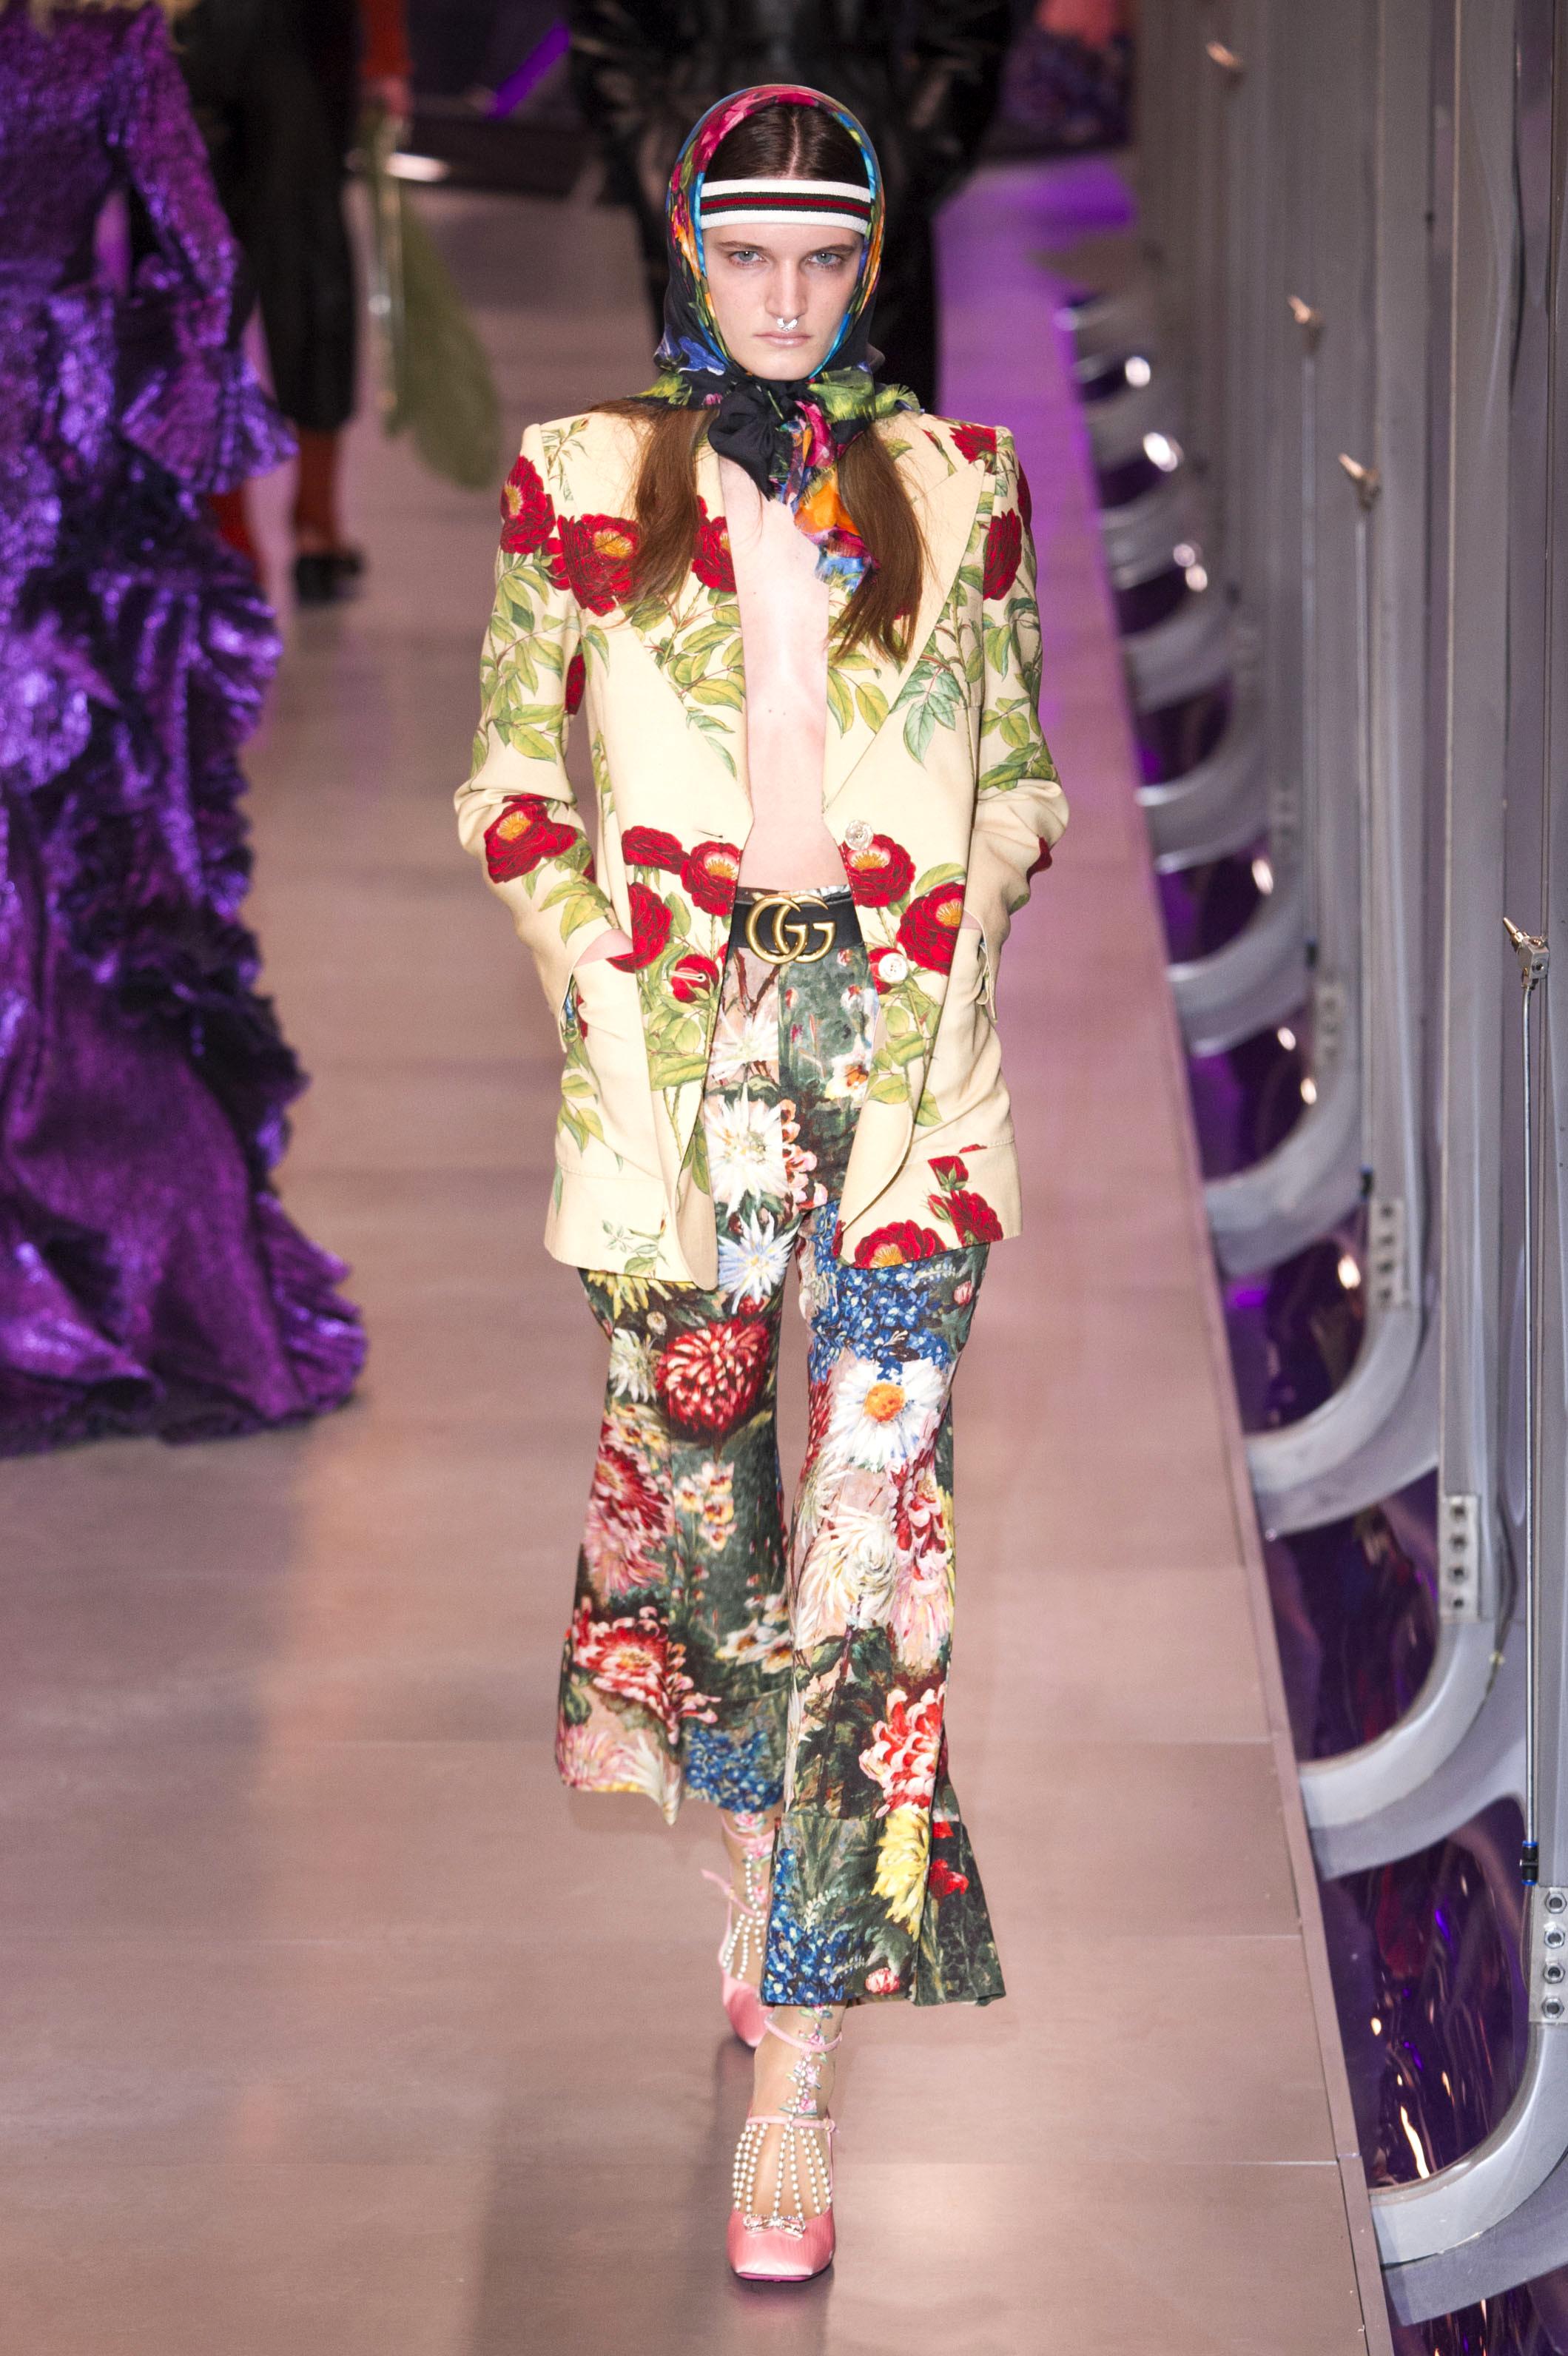 Milan Fashion Week: Der besagte Gürtel mit der goldenen Schnalle in der Show von Gucci